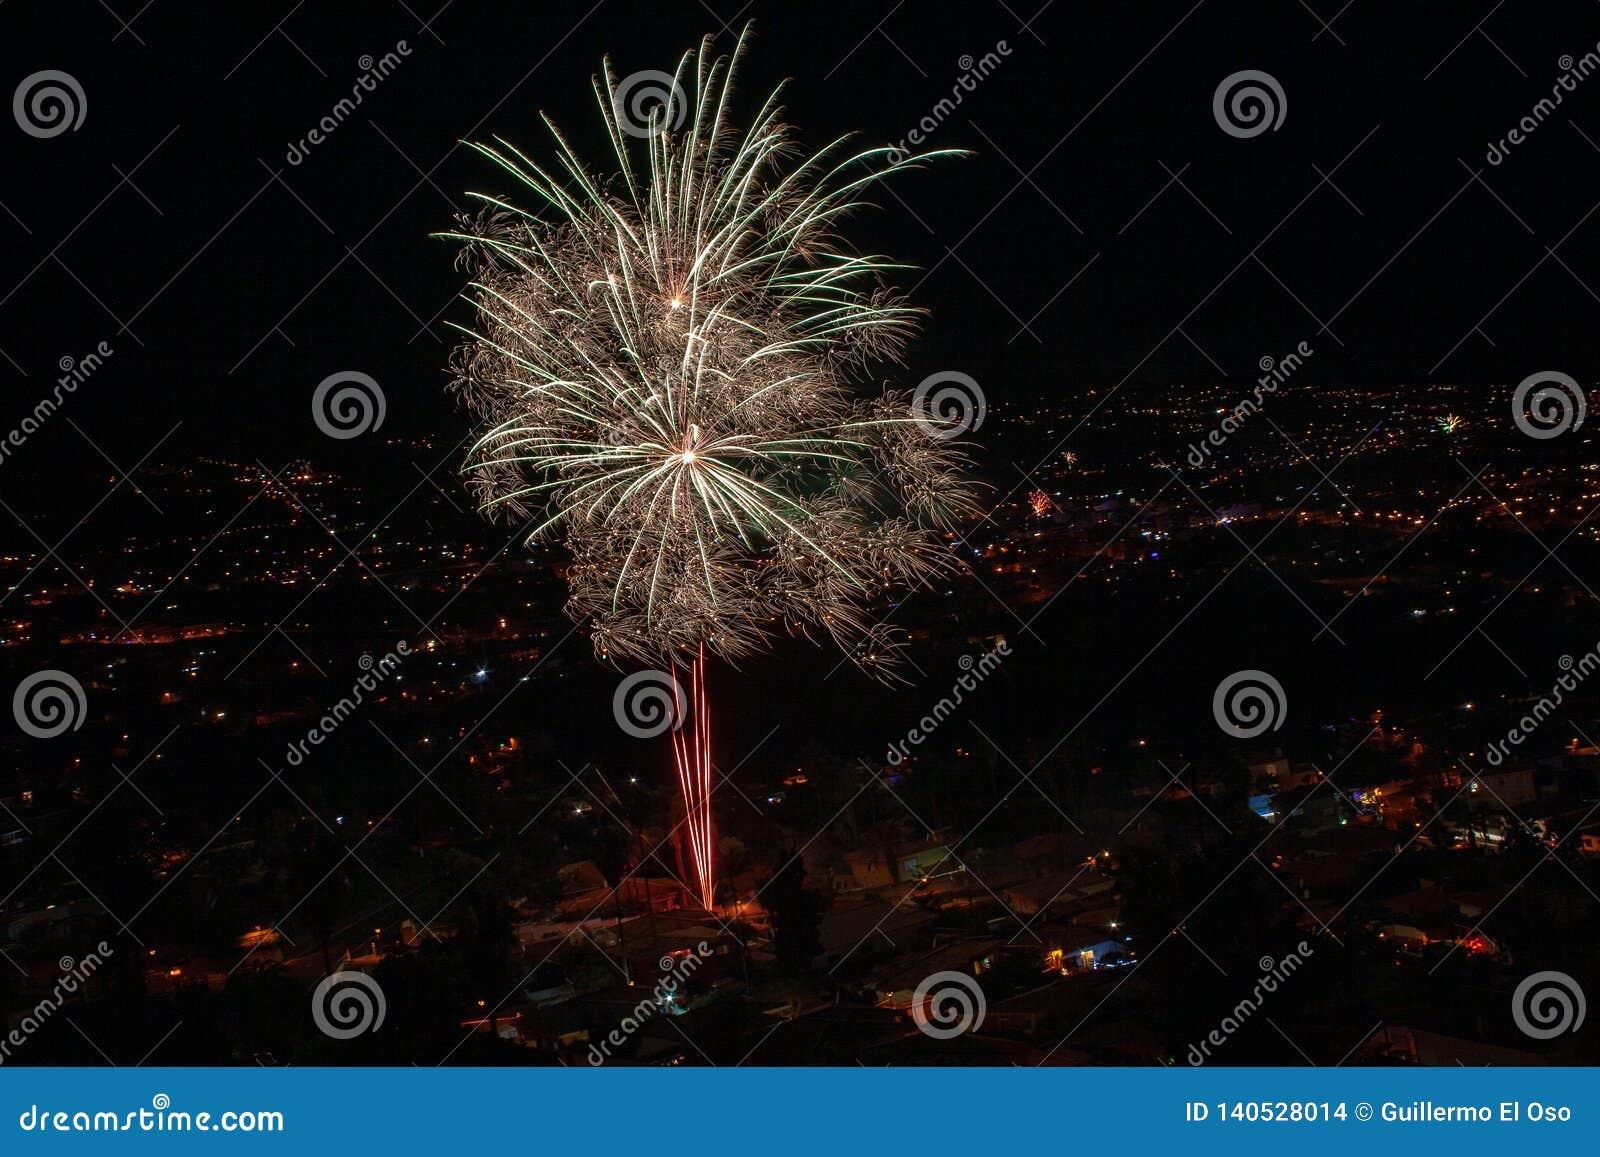 Fogos de artifício grandes sobre uma cidade na noite